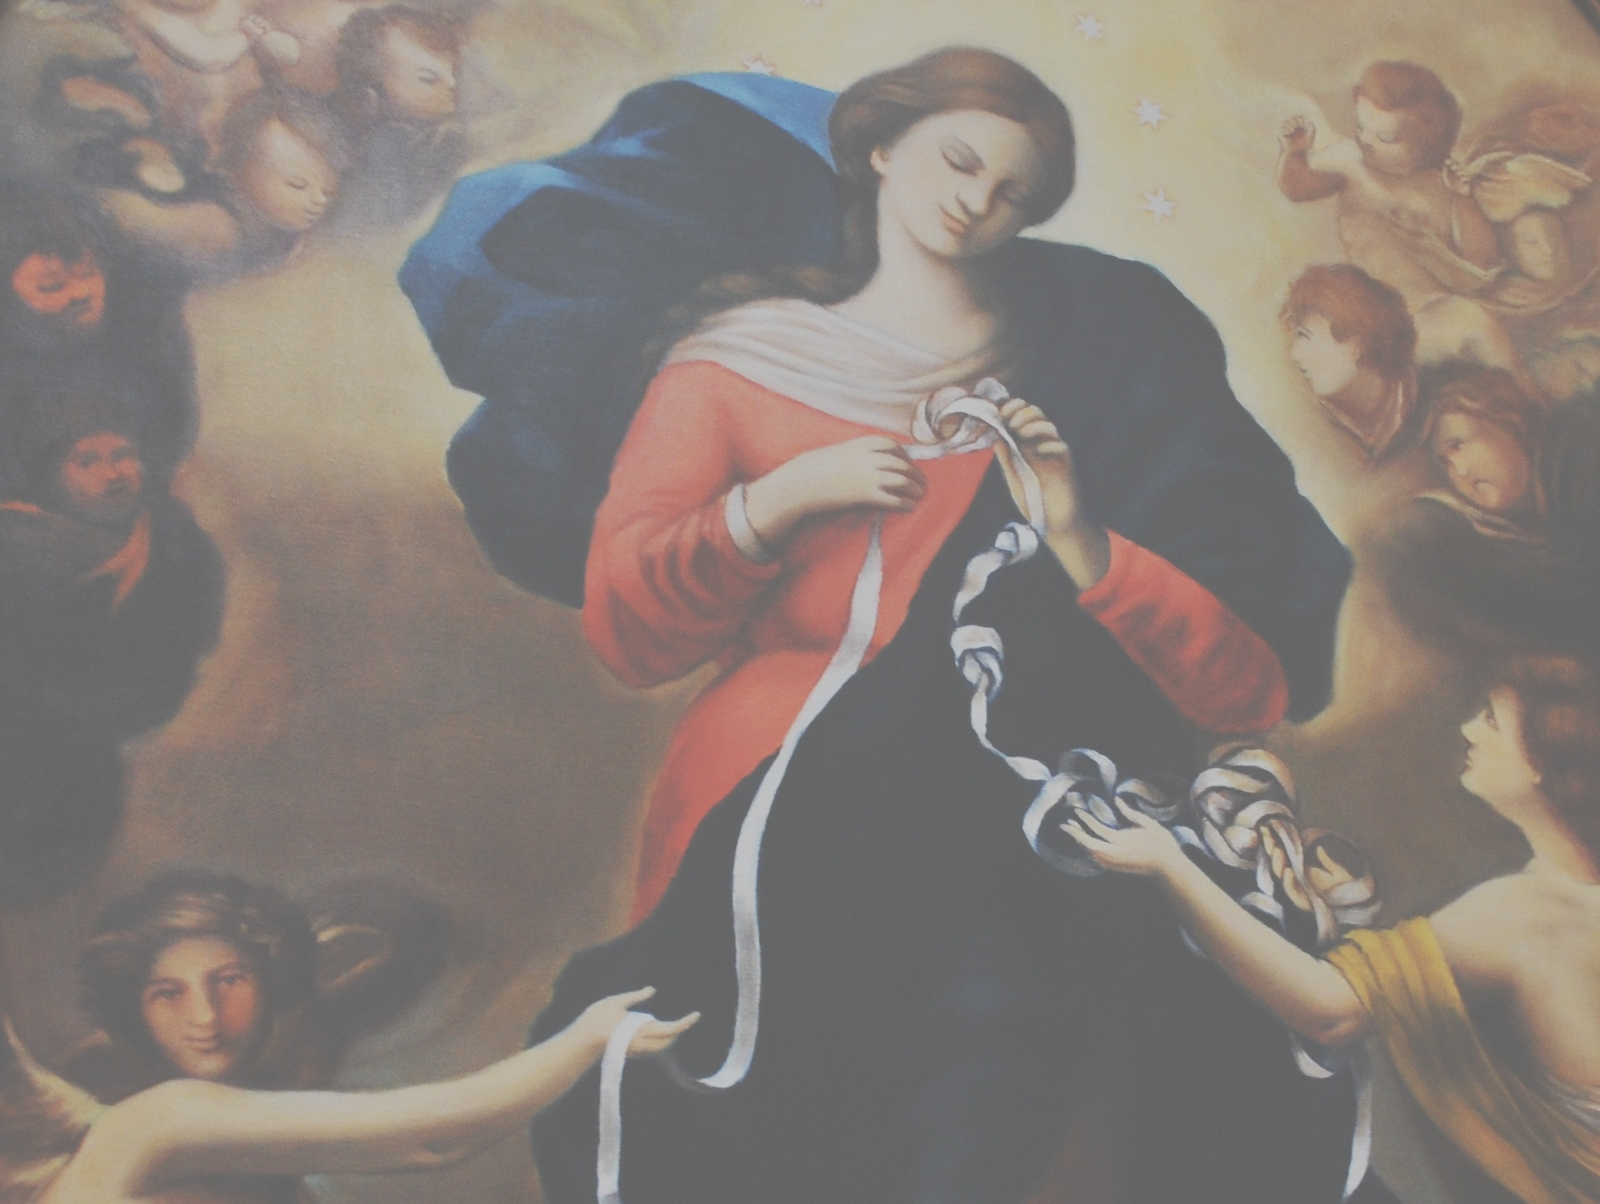 Nuestra Señora que Desata los Nudos, devoción del papa Francisco, Alemania (8 dic, 28 sep)